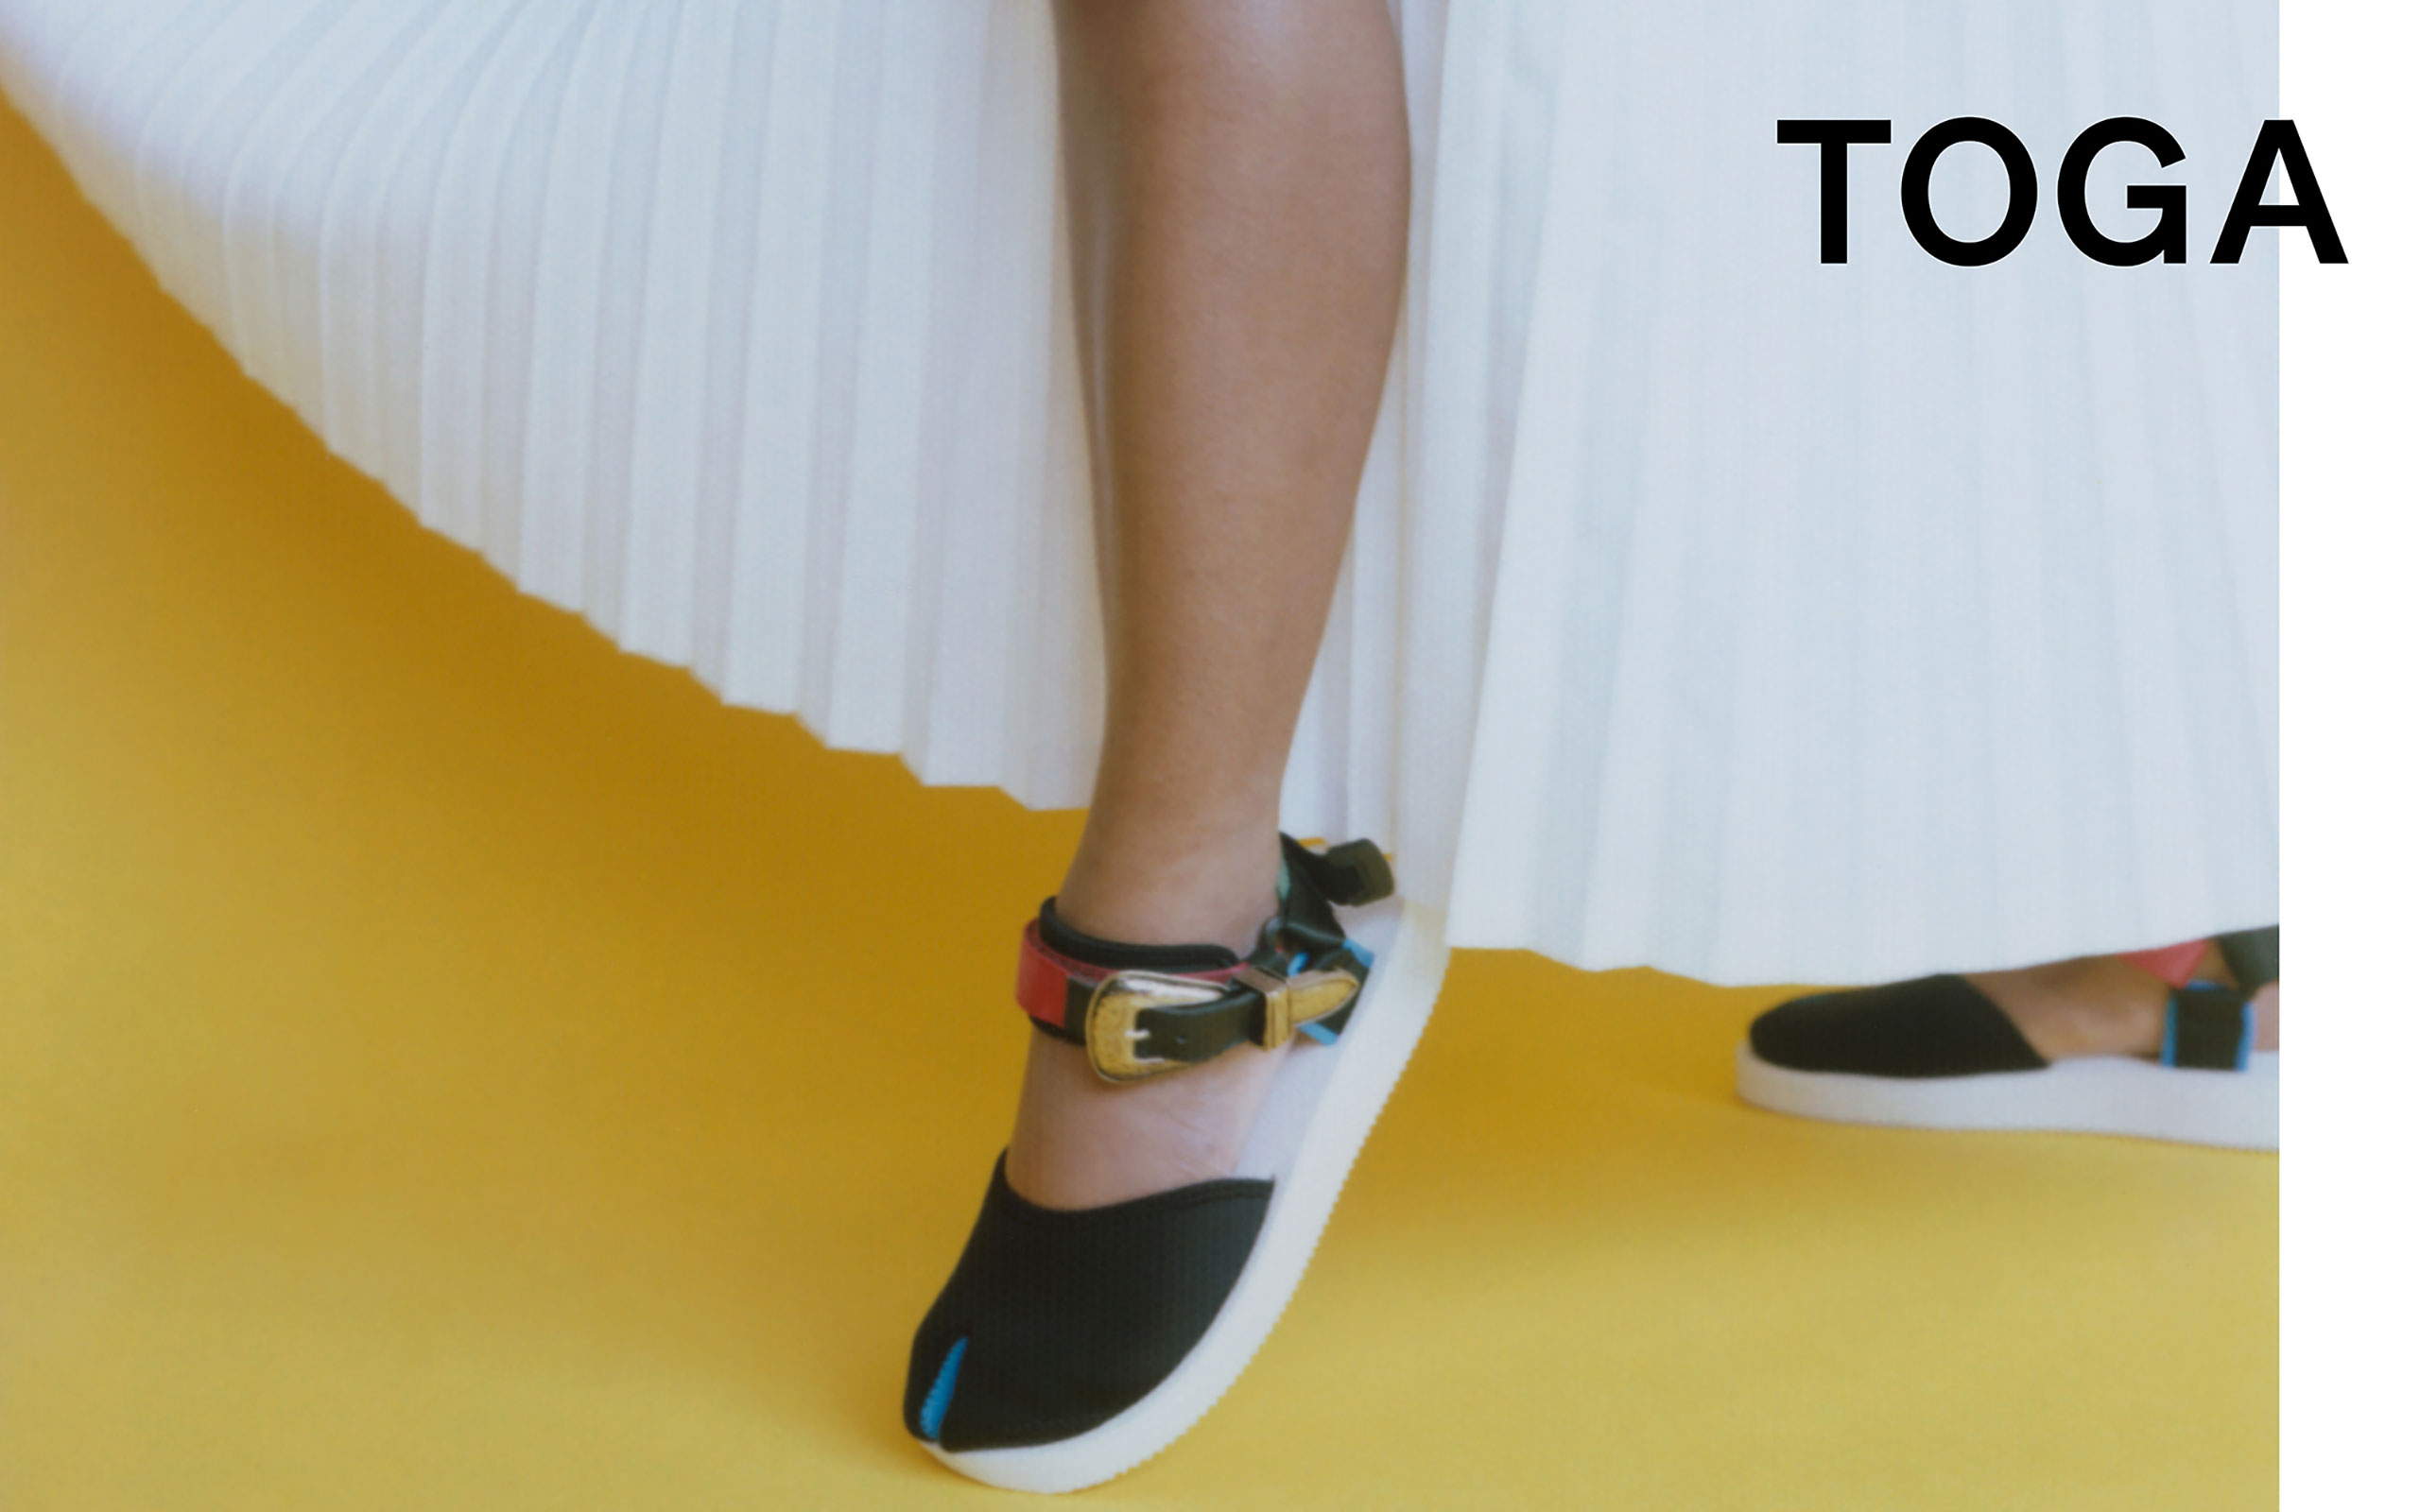 TOGA Collaborates With SUICOKE Again